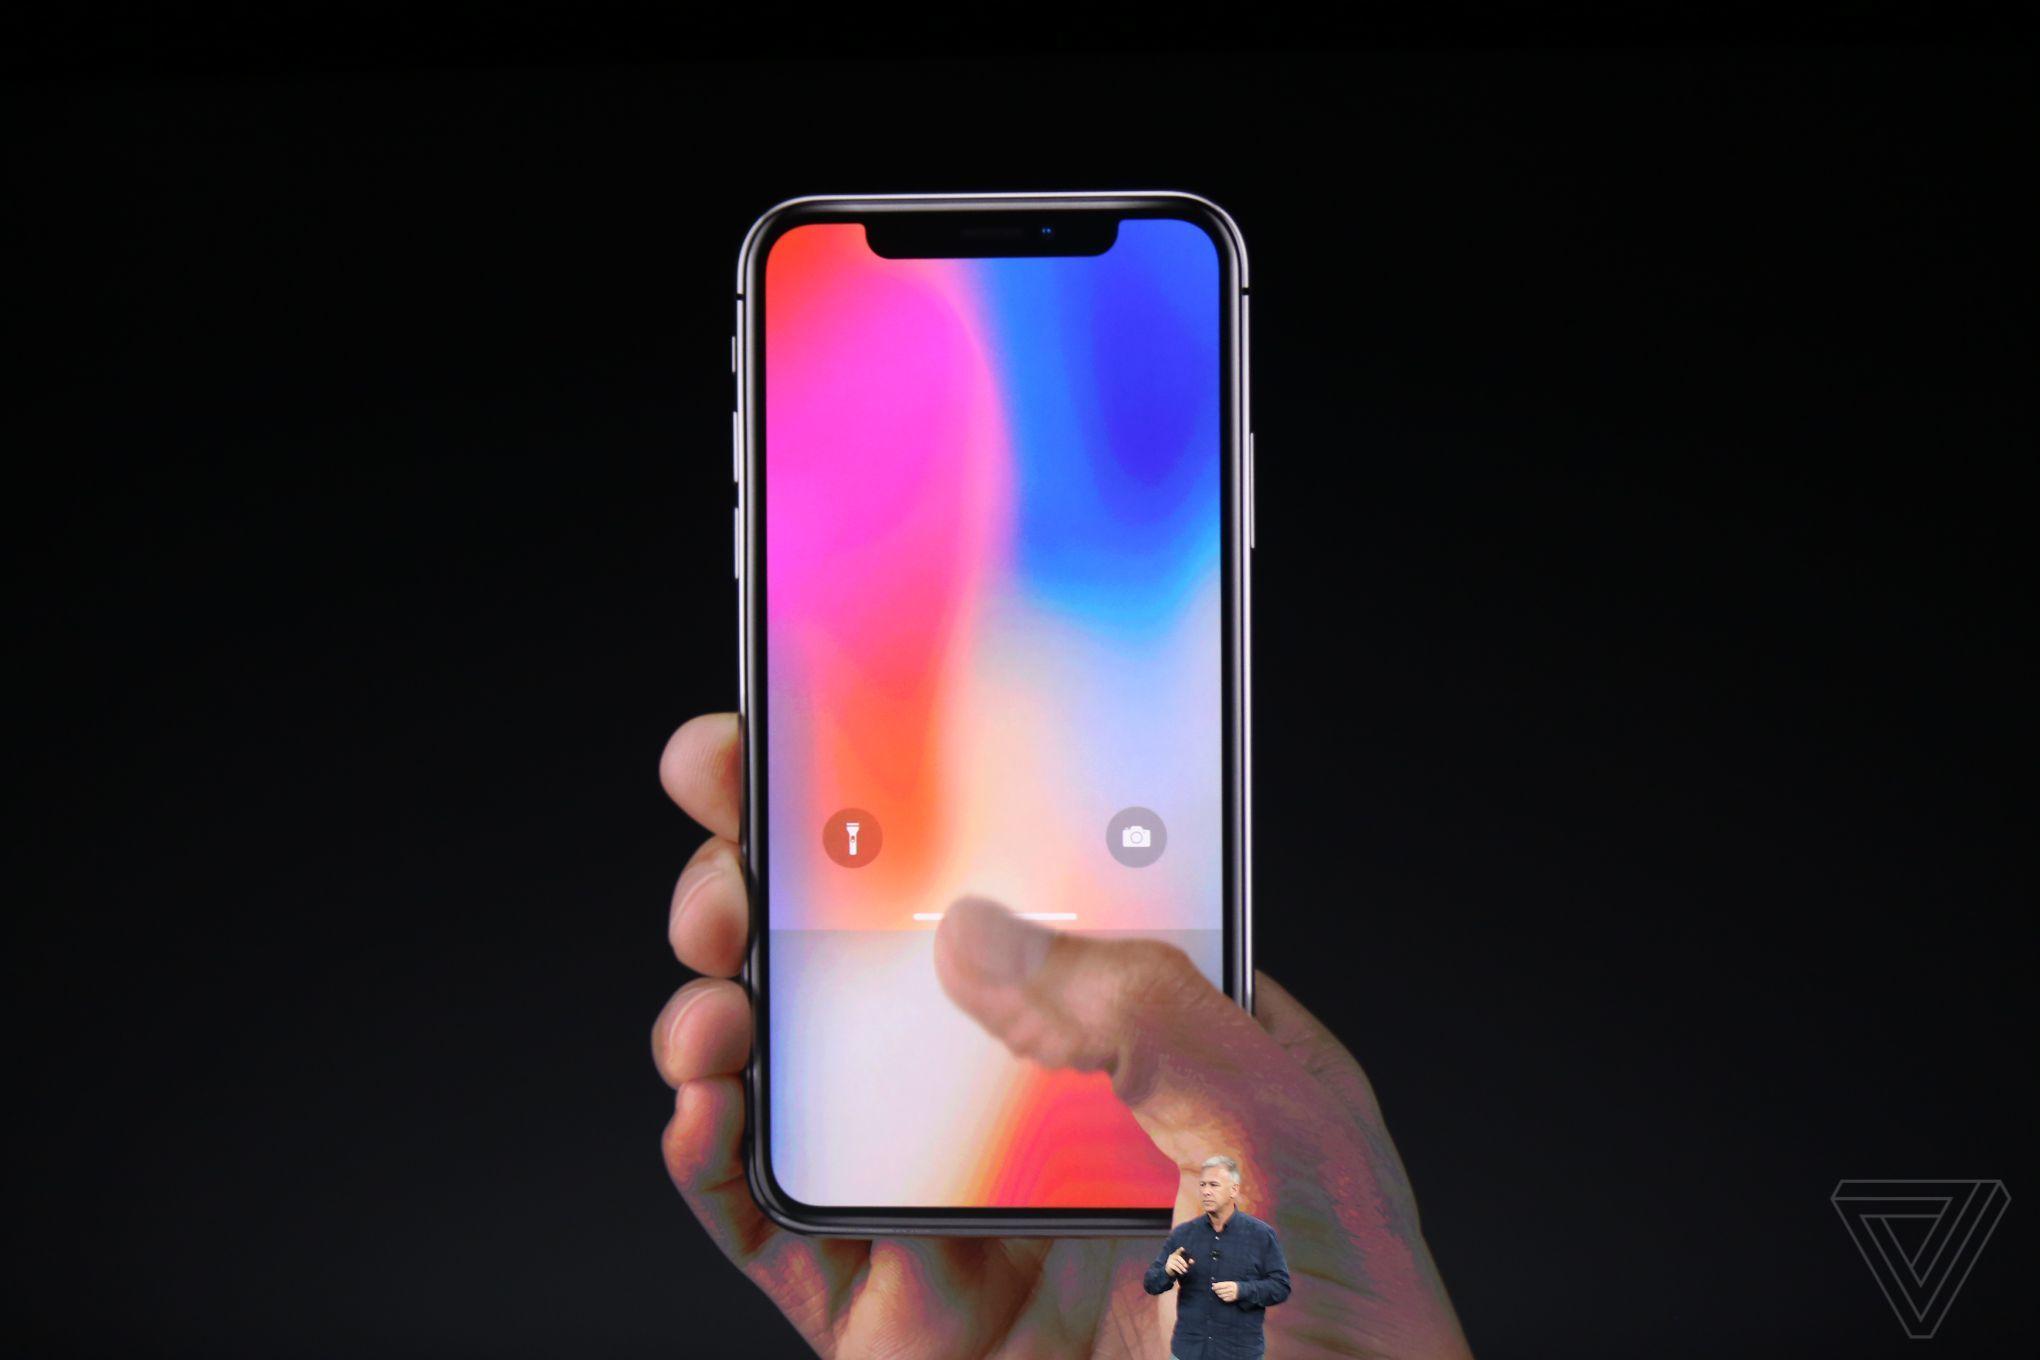 iPhone X lên kệ  iPhone X lên kệ - iPhone X lên kệ Apple gần cán mốc công ty nghìn tỷ USD